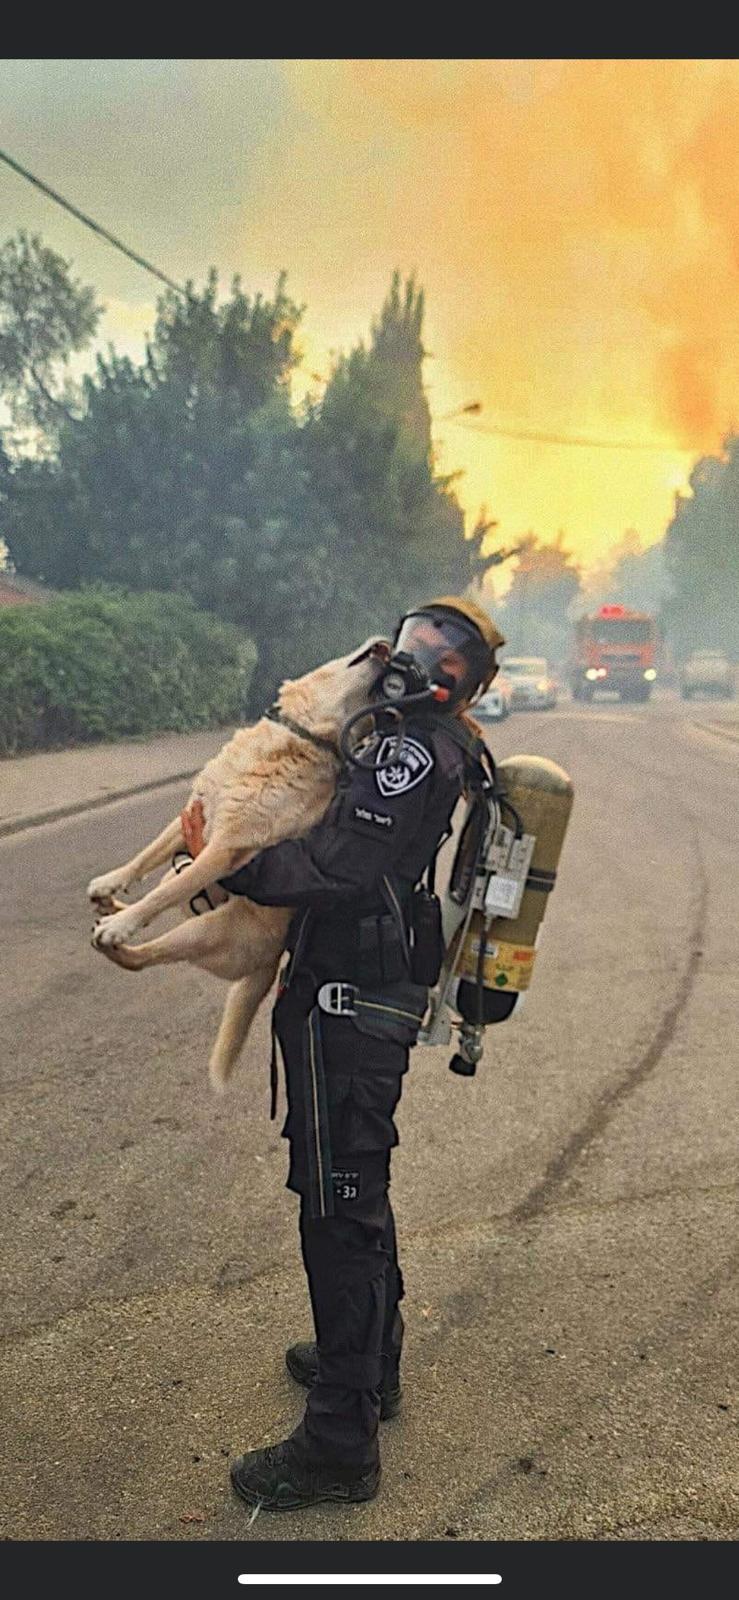 שוטרי ושוטרות היס''מ של מחוז ירושלים חילצו כלבים מבין הלהבות / צילום: דוברות המשטרה